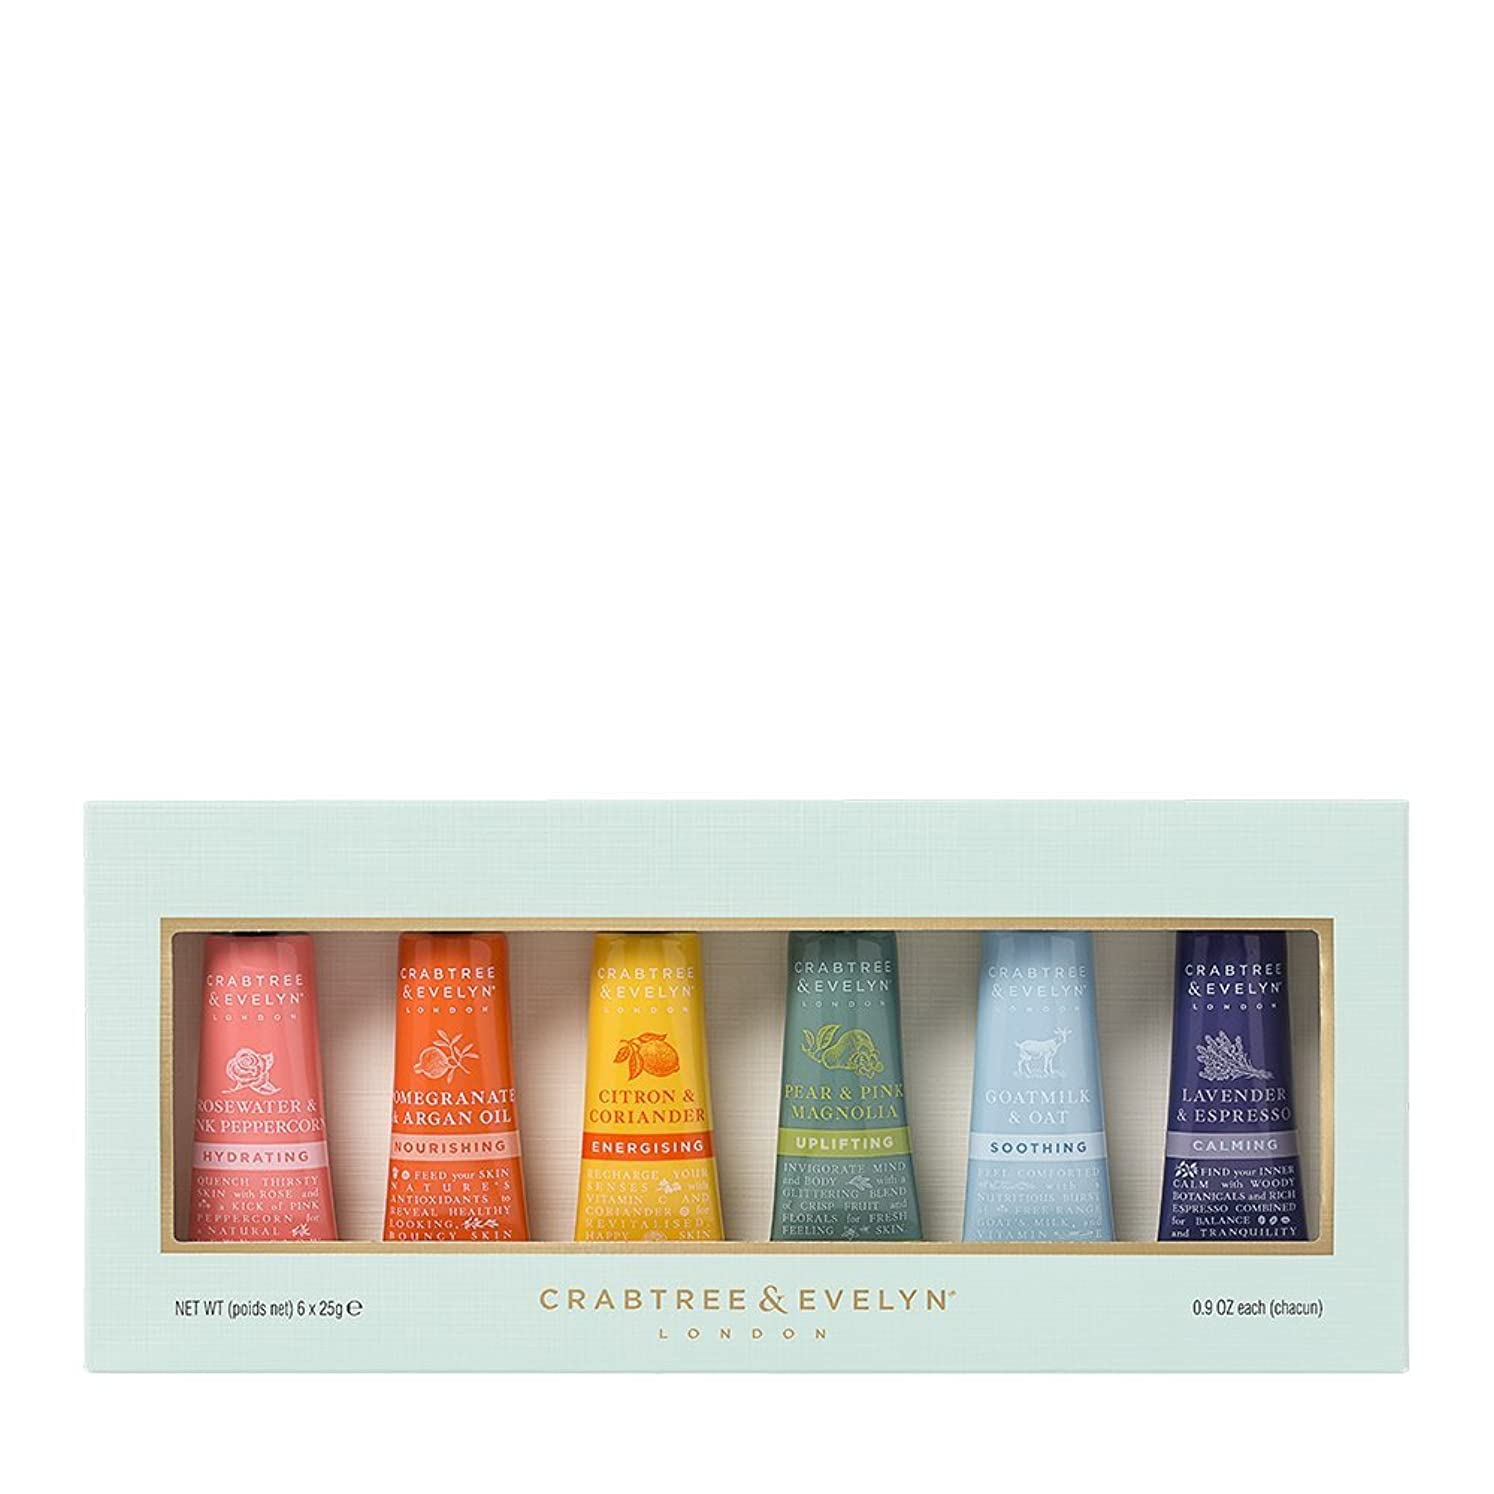 姉妹制約ビリーヤギクラブツリー&イヴリン Limited Edition Hand Therapy Gift Set 6x25ml/0.86oz並行輸入品